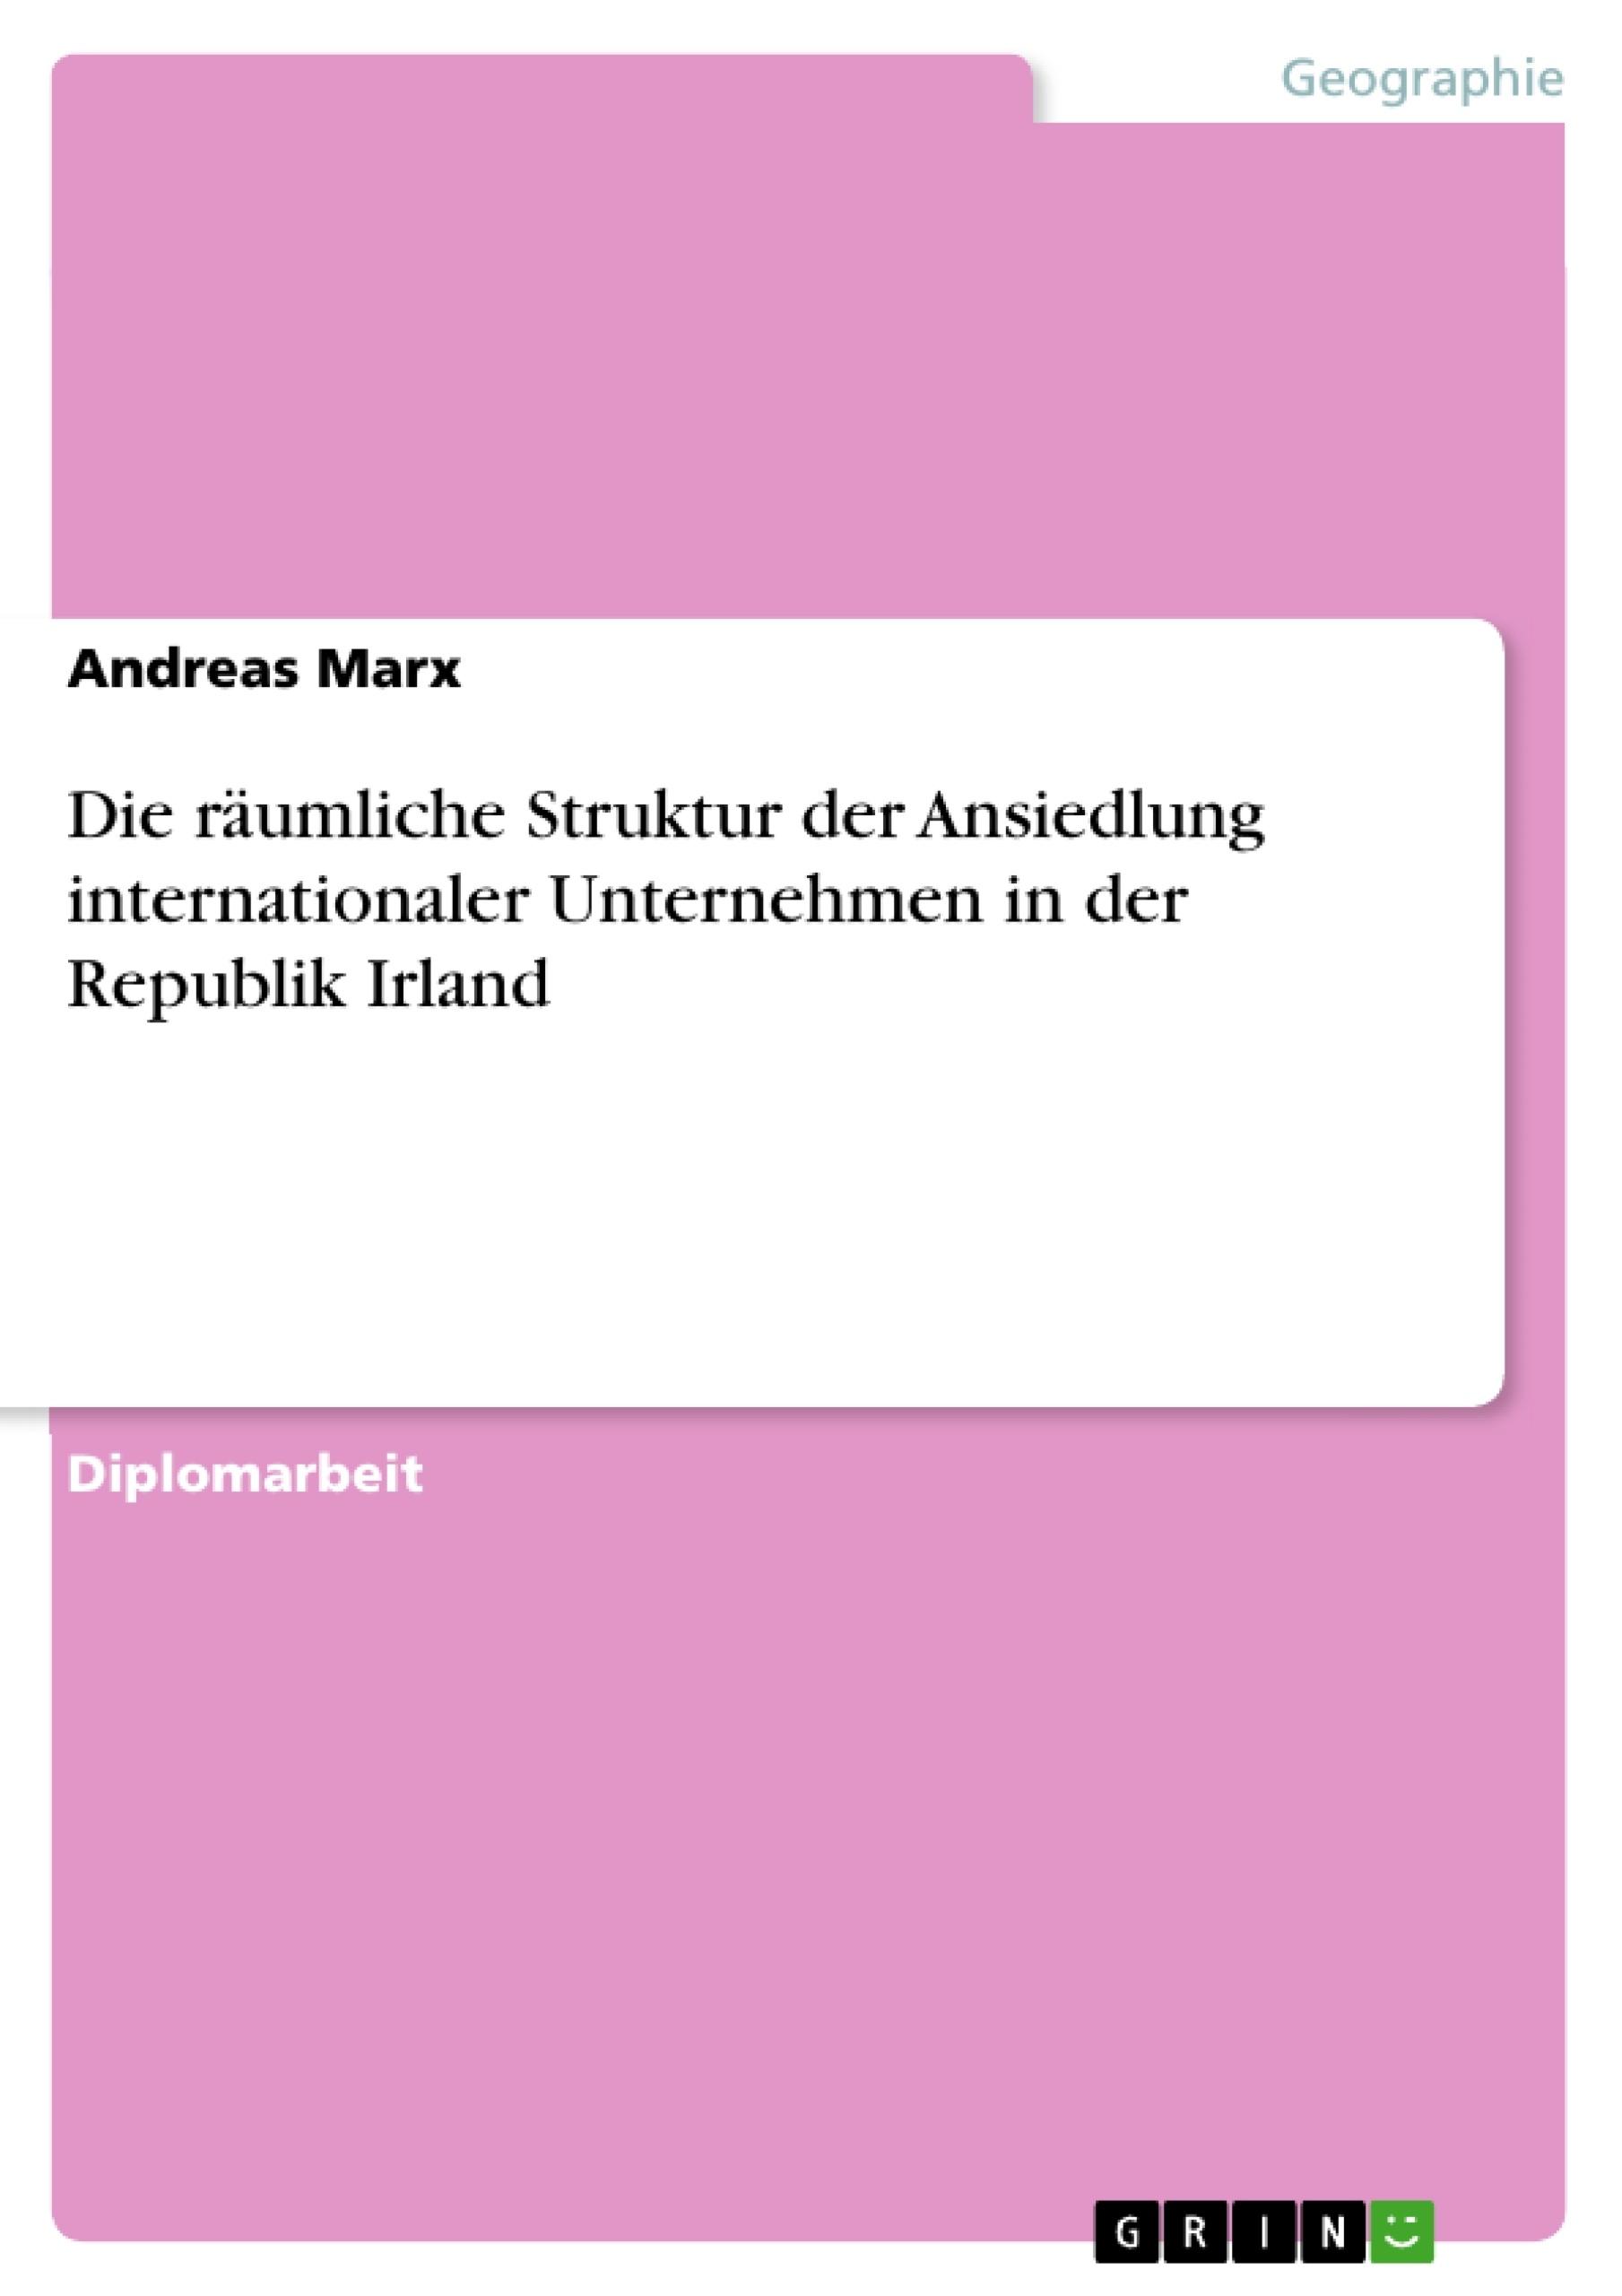 Titel: Die räumliche Struktur der Ansiedlung internationaler Unternehmen in der Republik Irland